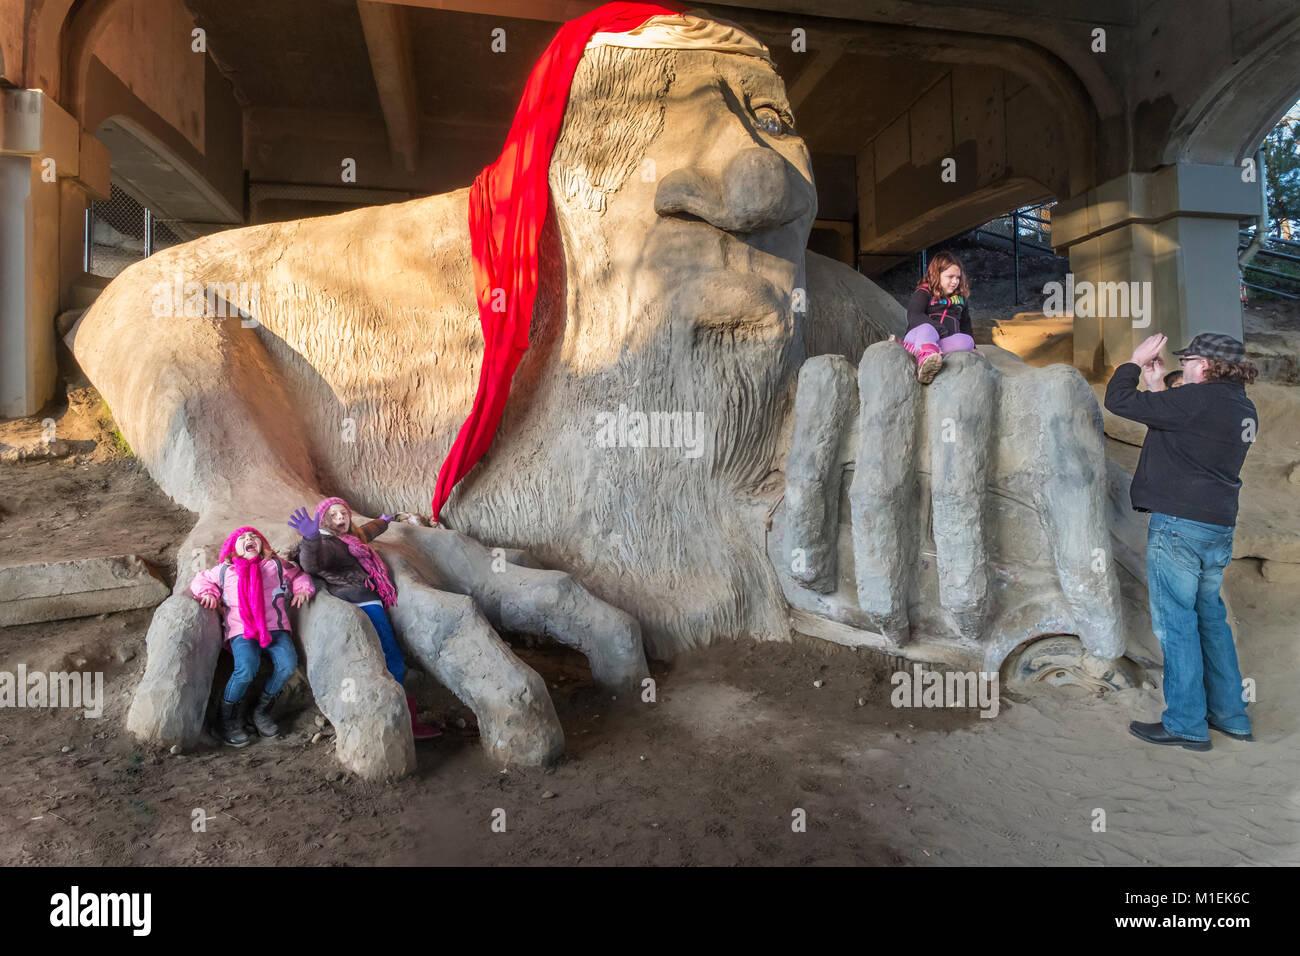 United States, Washington. Seattle,  Fremont, Troll - Stock Image